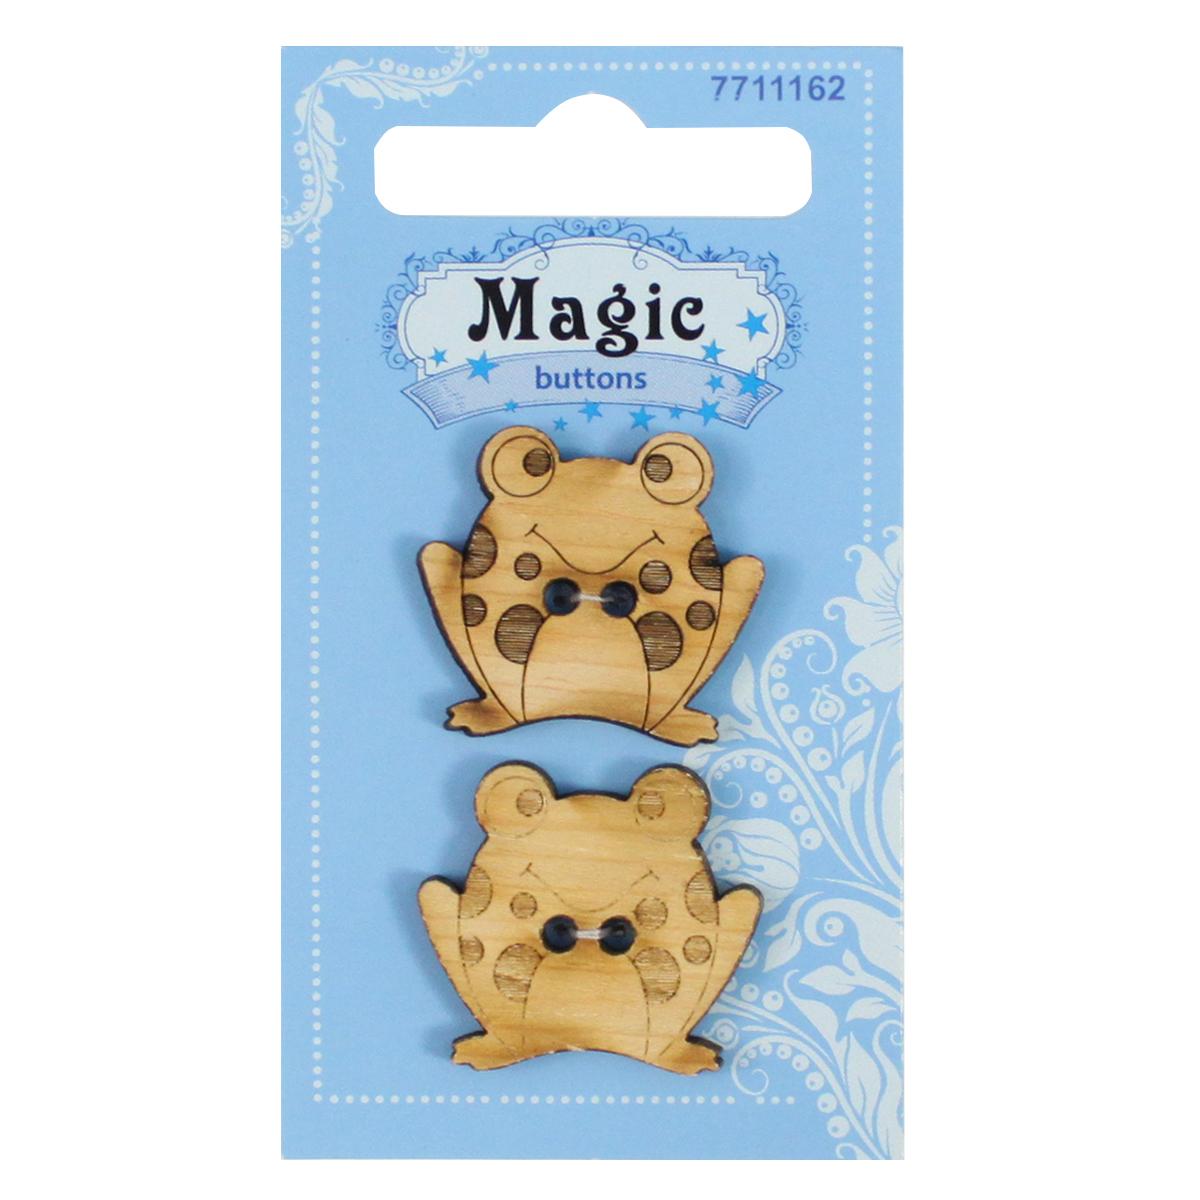 Пуговицы декоративные Magic Buttons Лягушка, 2 шт7711162Пуговицы бренда Magic Buttons восхищают разнообразием стилей. Они станут отличным дополнением в качестве завершающего штриха на одежде, кроме того их можно использовать в скрапбукинге, создавать с помощью них интересные открытки, подарочные конверты и многое, многое другое.